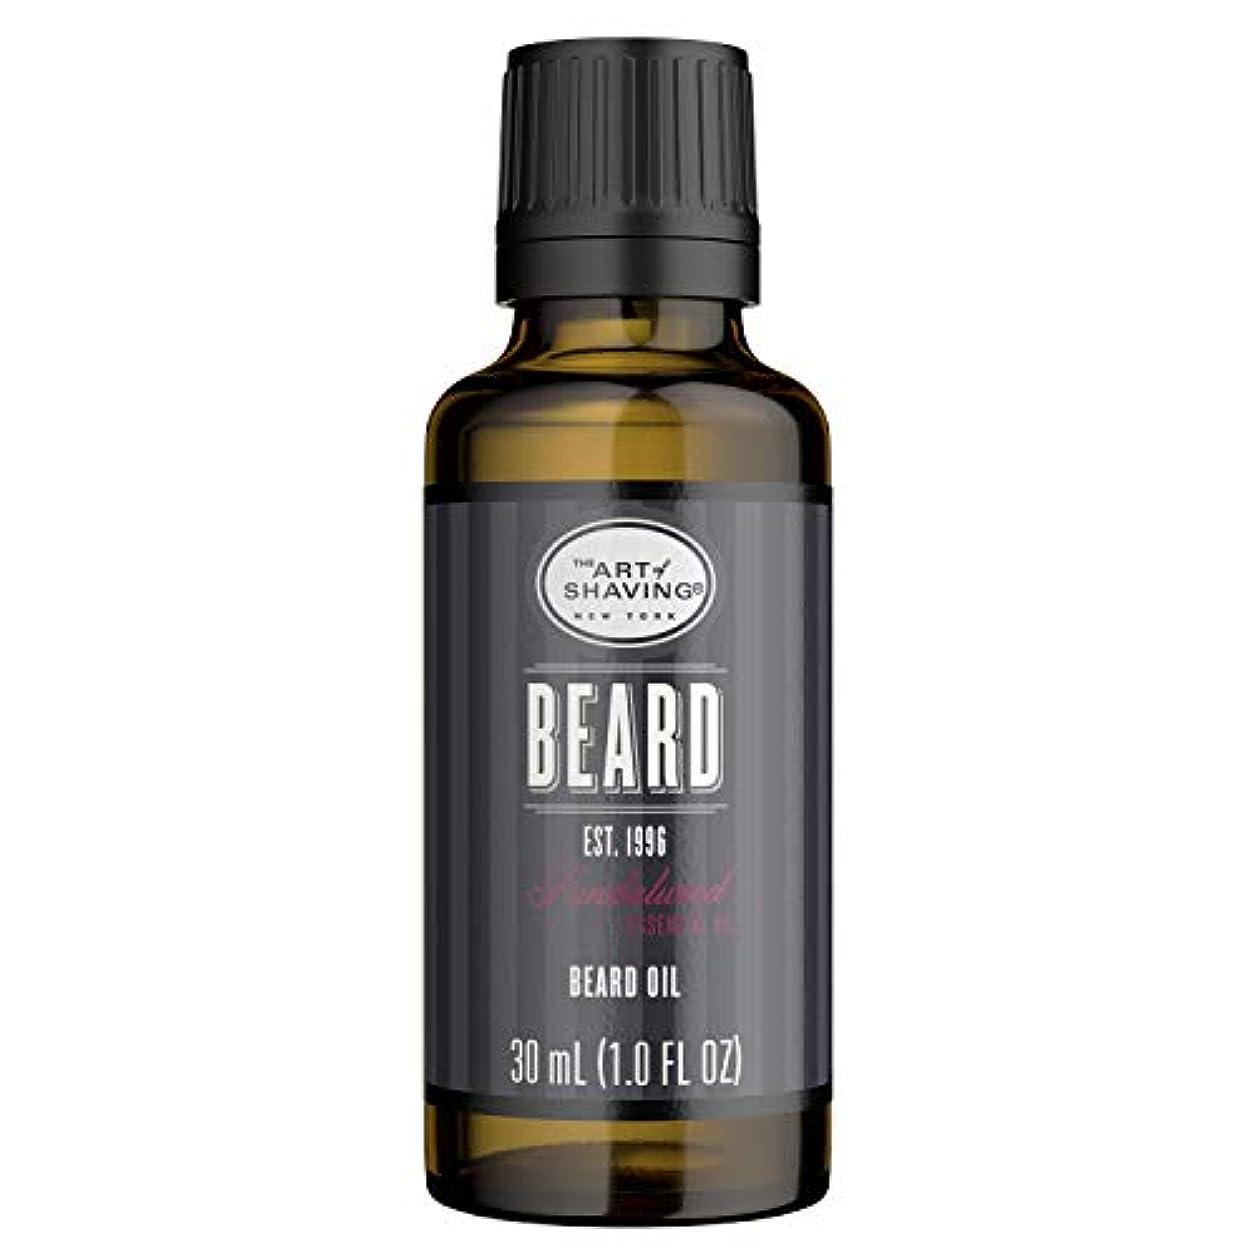 半ばわずらわしいジョットディボンドンアートオブシェービング Beard Oil - Sandalwood Essential Oil 30ml/1oz並行輸入品